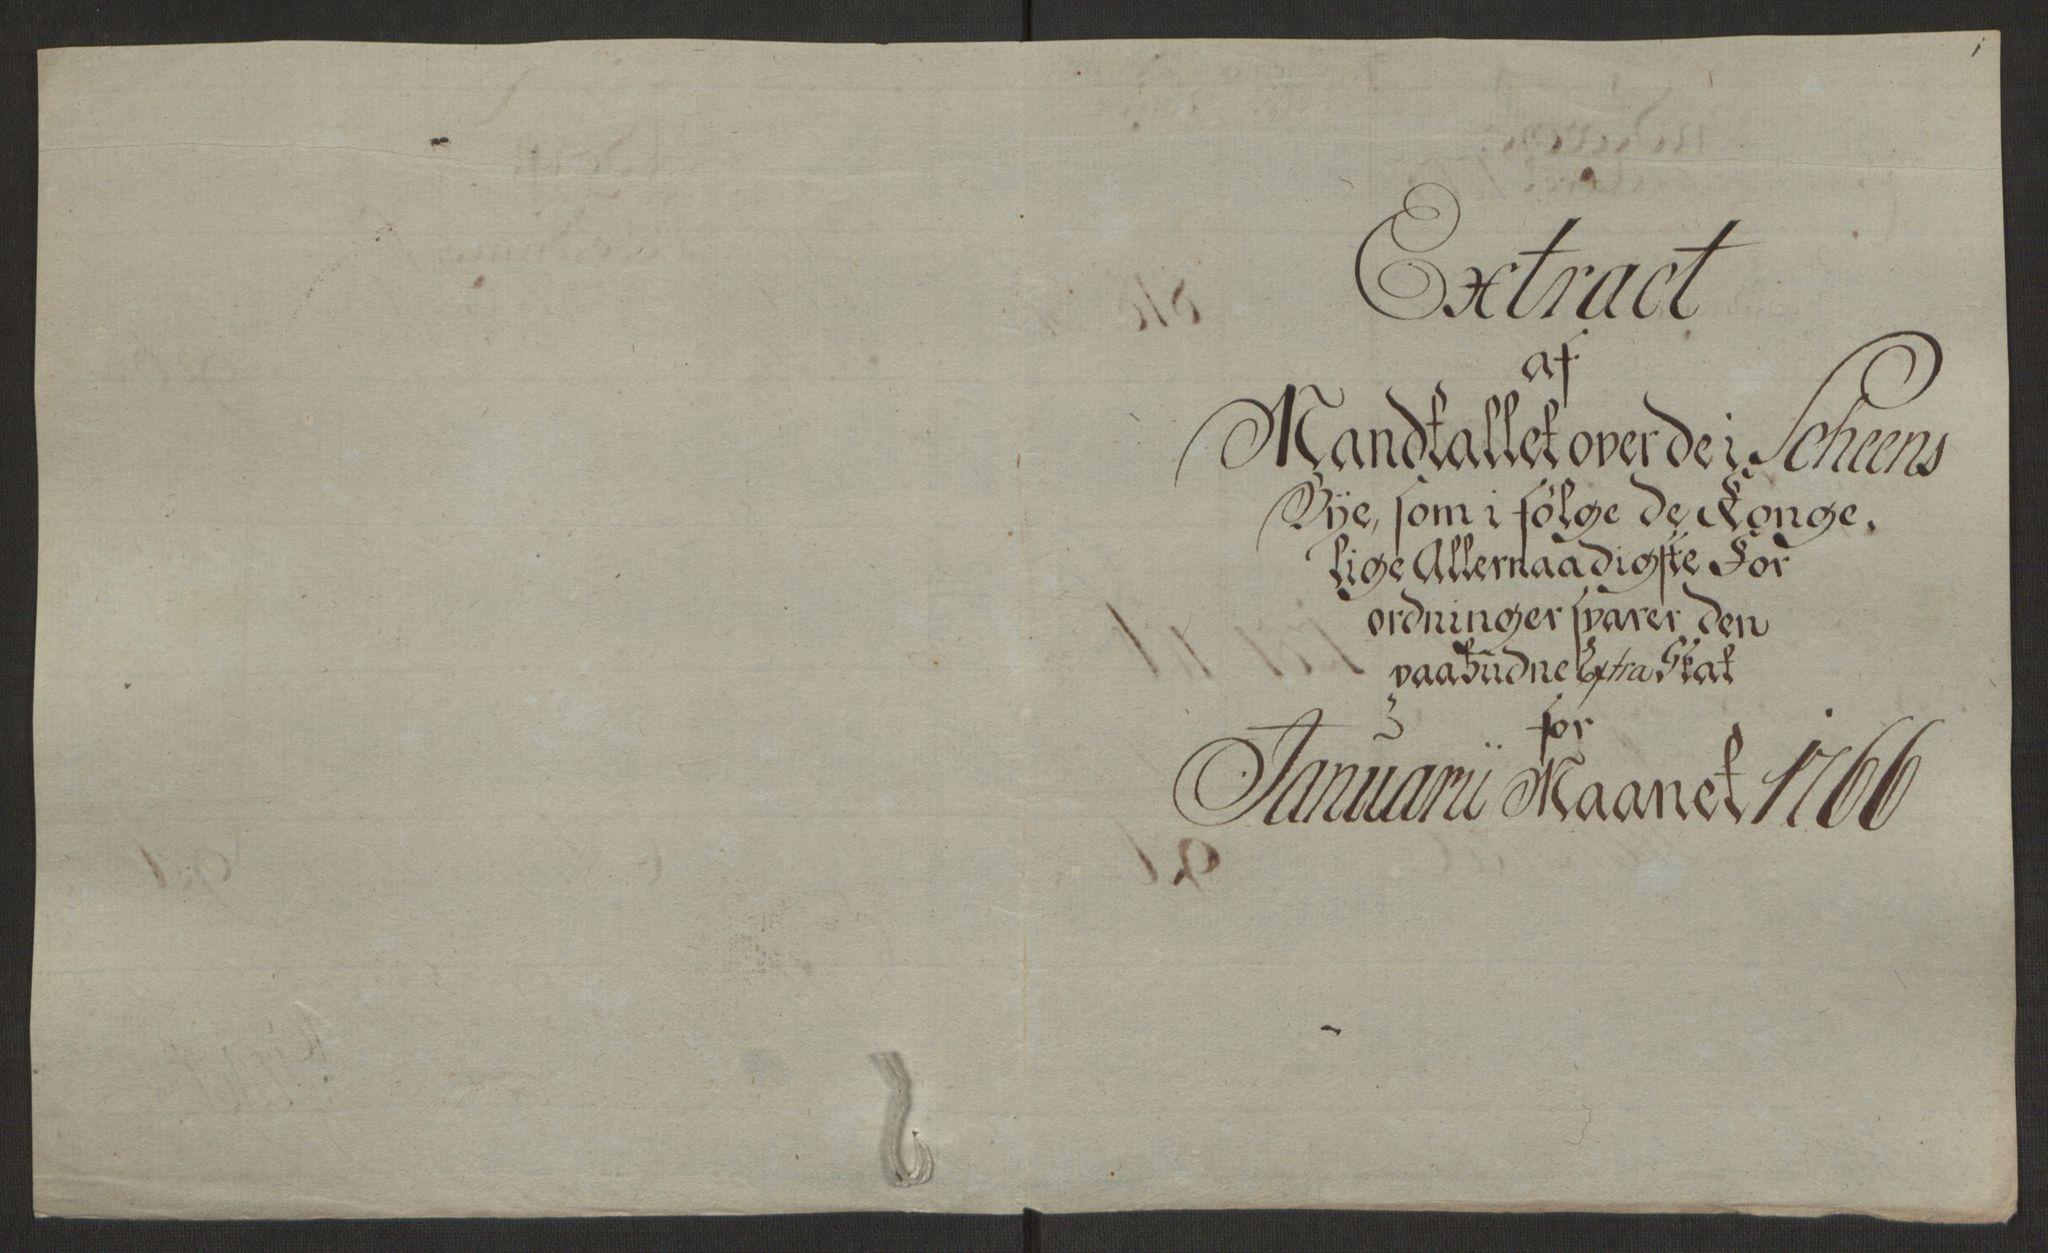 RA, Rentekammeret inntil 1814, Reviderte regnskaper, Byregnskaper, R/Rj/L0198: [J4] Kontribusjonsregnskap, 1762-1768, s. 391